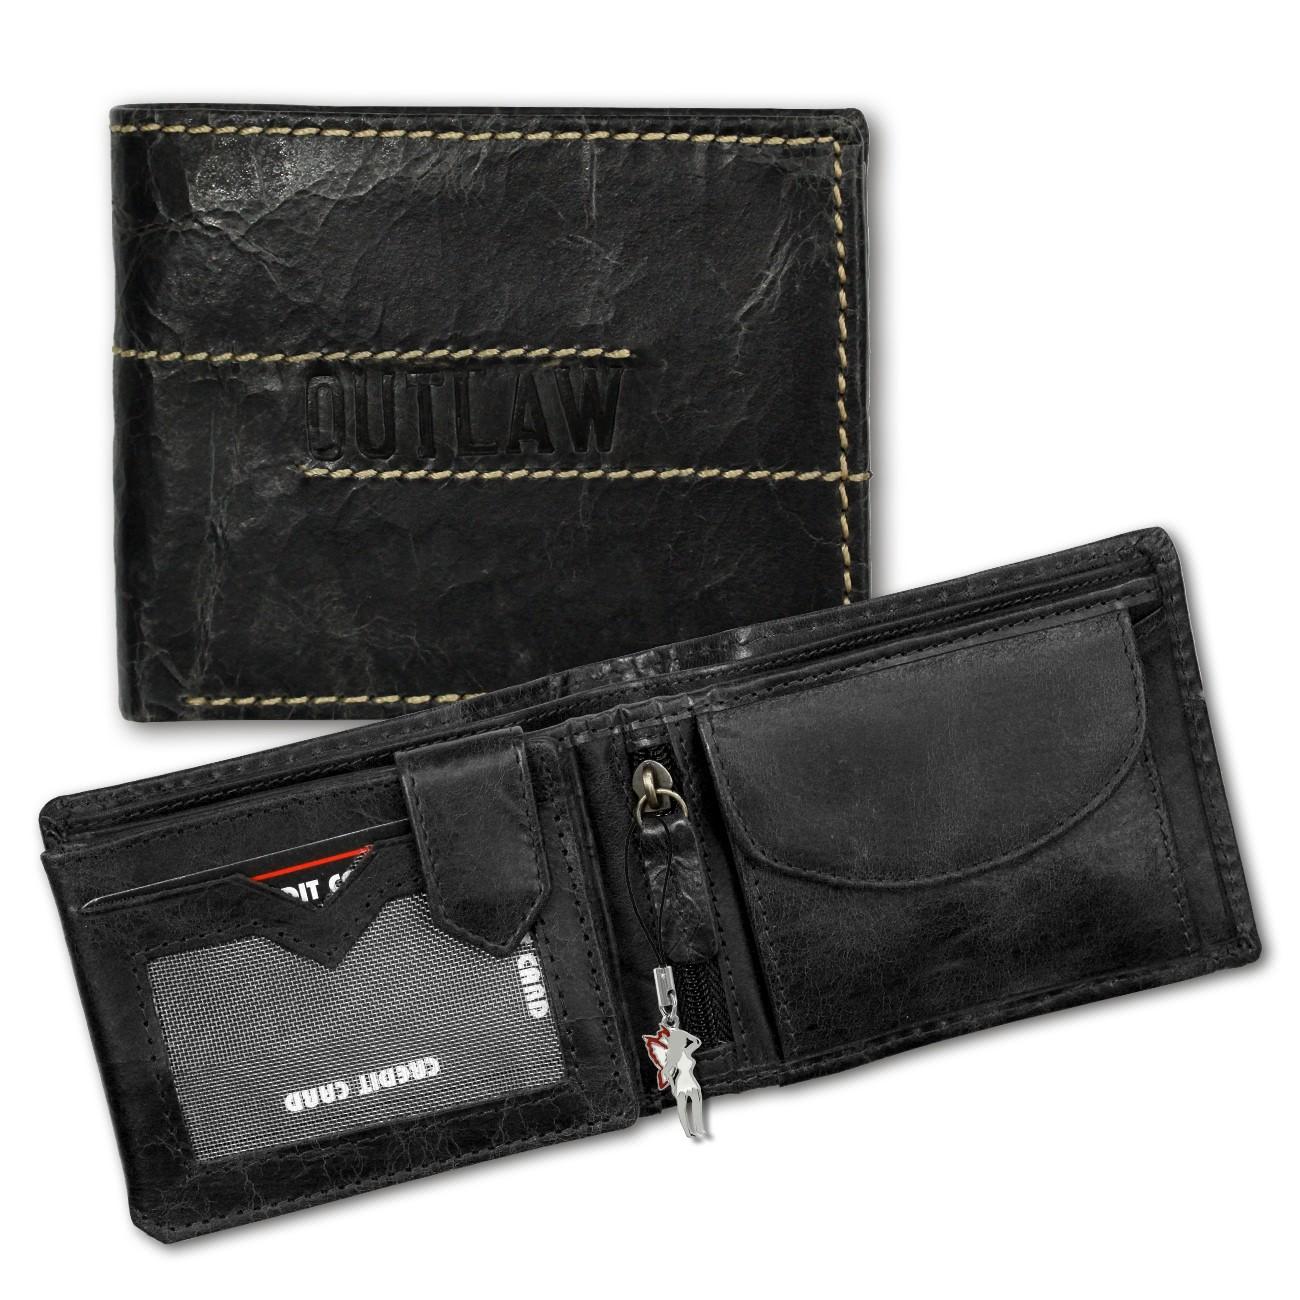 DrachenLeder Geldbörse Leder grau Geldbeutel Portemonnaie Brieftasche OPD107K